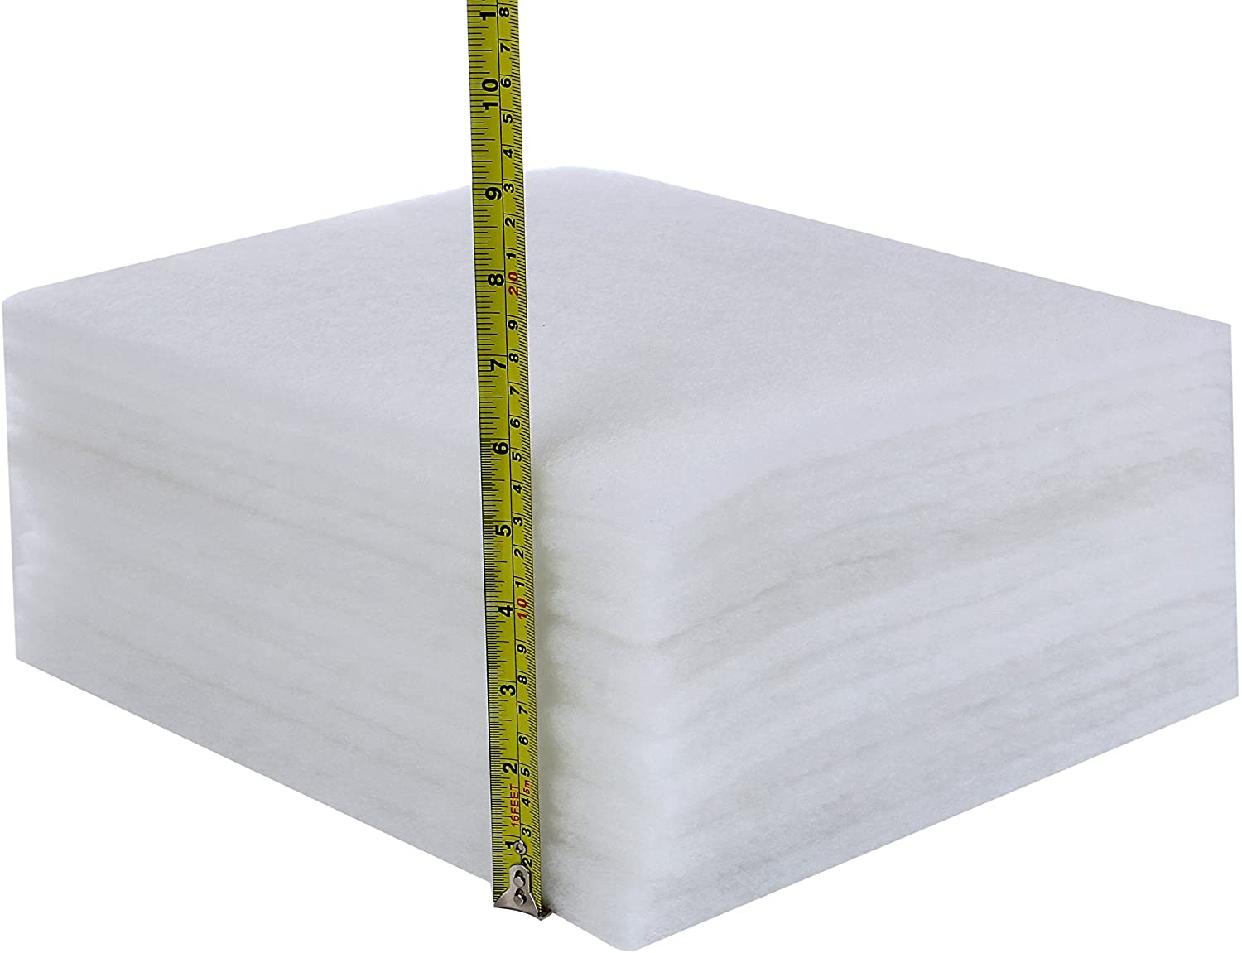 Desirable(デザイアブル)特厚1cm換気扇フィルター レンジフード 難燃性不織布 フィルタ 12枚入り (ヨコ297mmxタテ342mm)の商品画像2